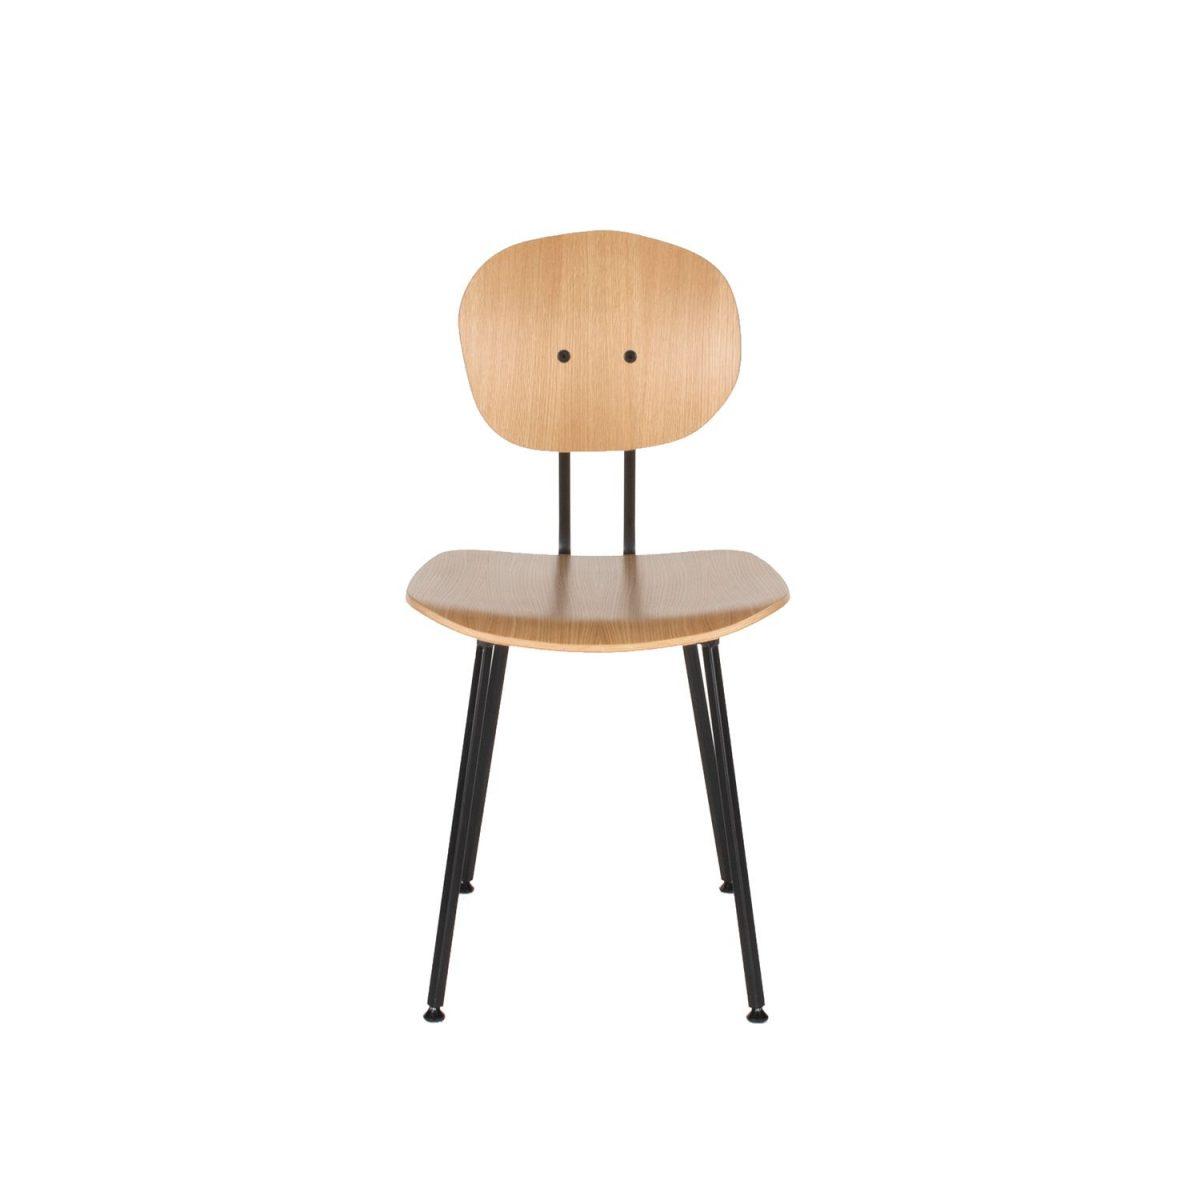 Hout Maarten Baas 101 Chair Stoel Kantoor Dutch Design Restaurant Eettafelstoel H